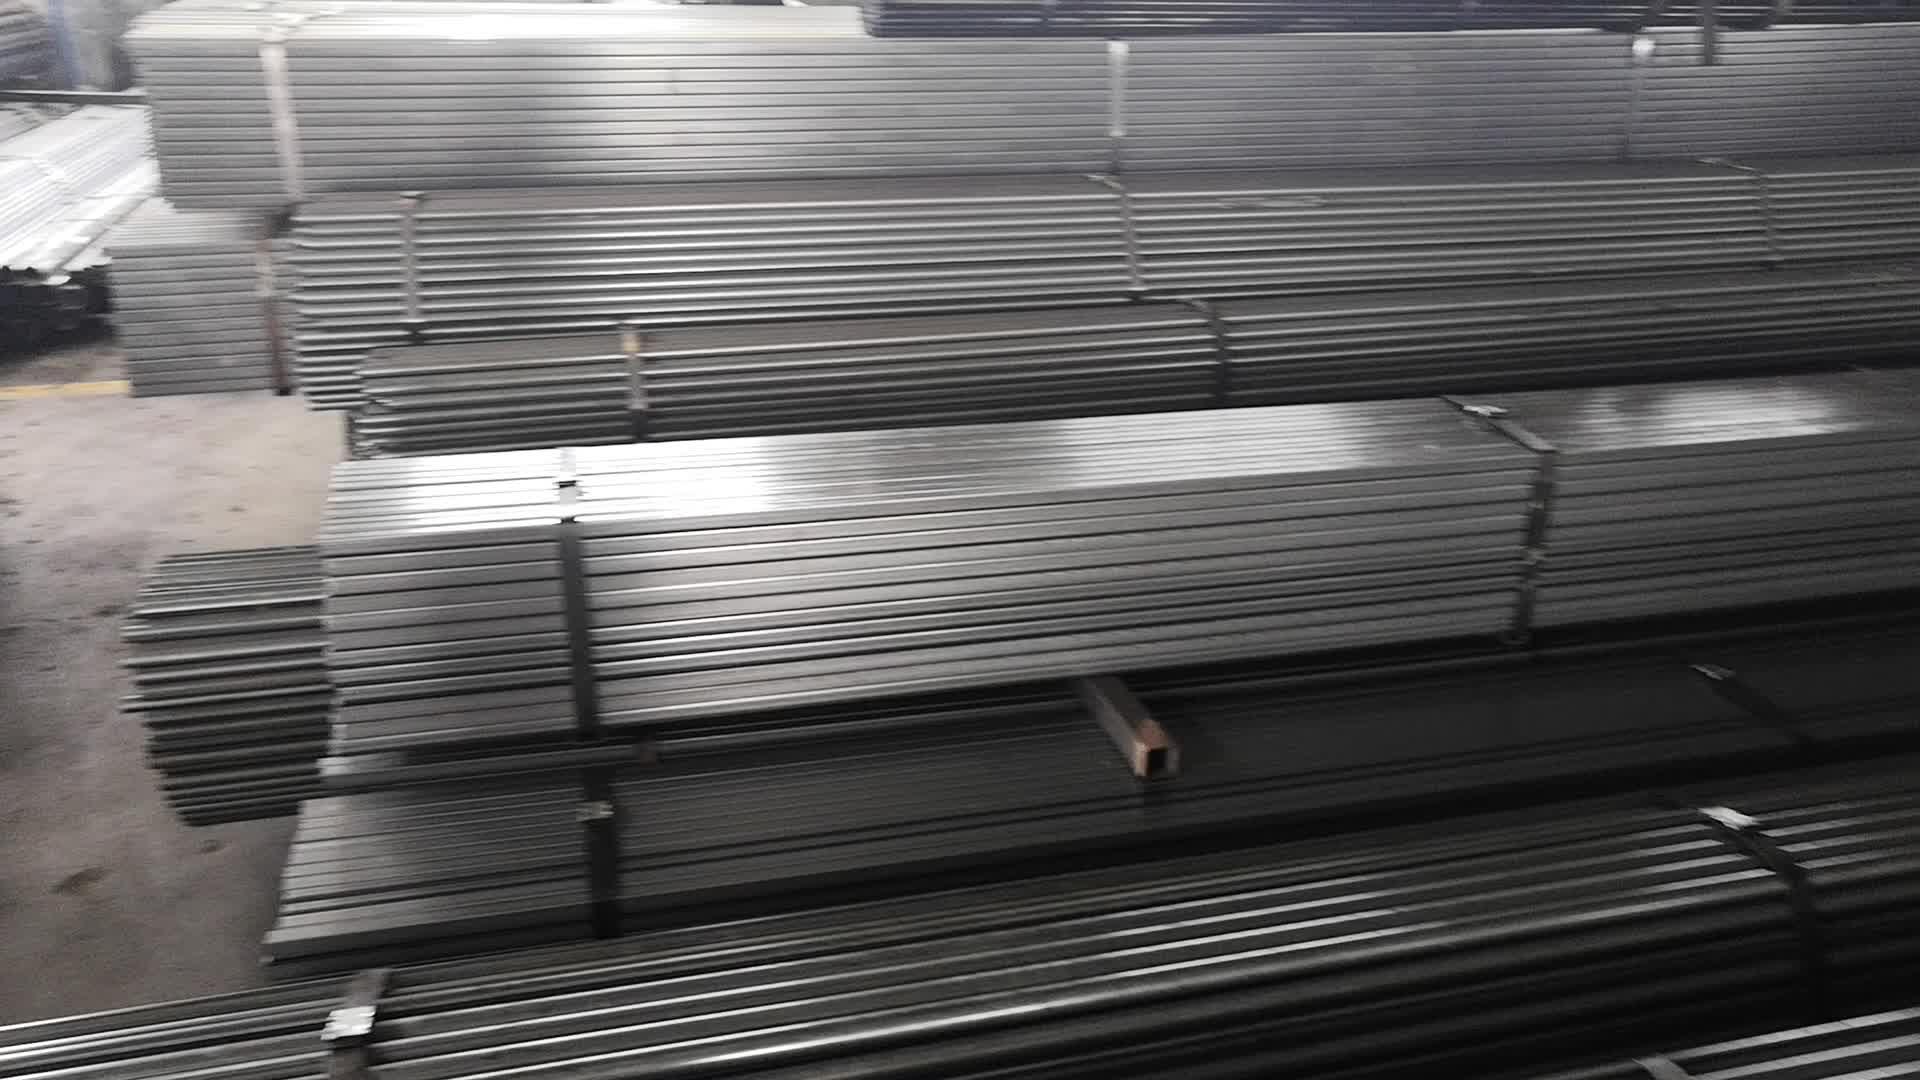 Chaud tube carré noir pour matériaux de construction